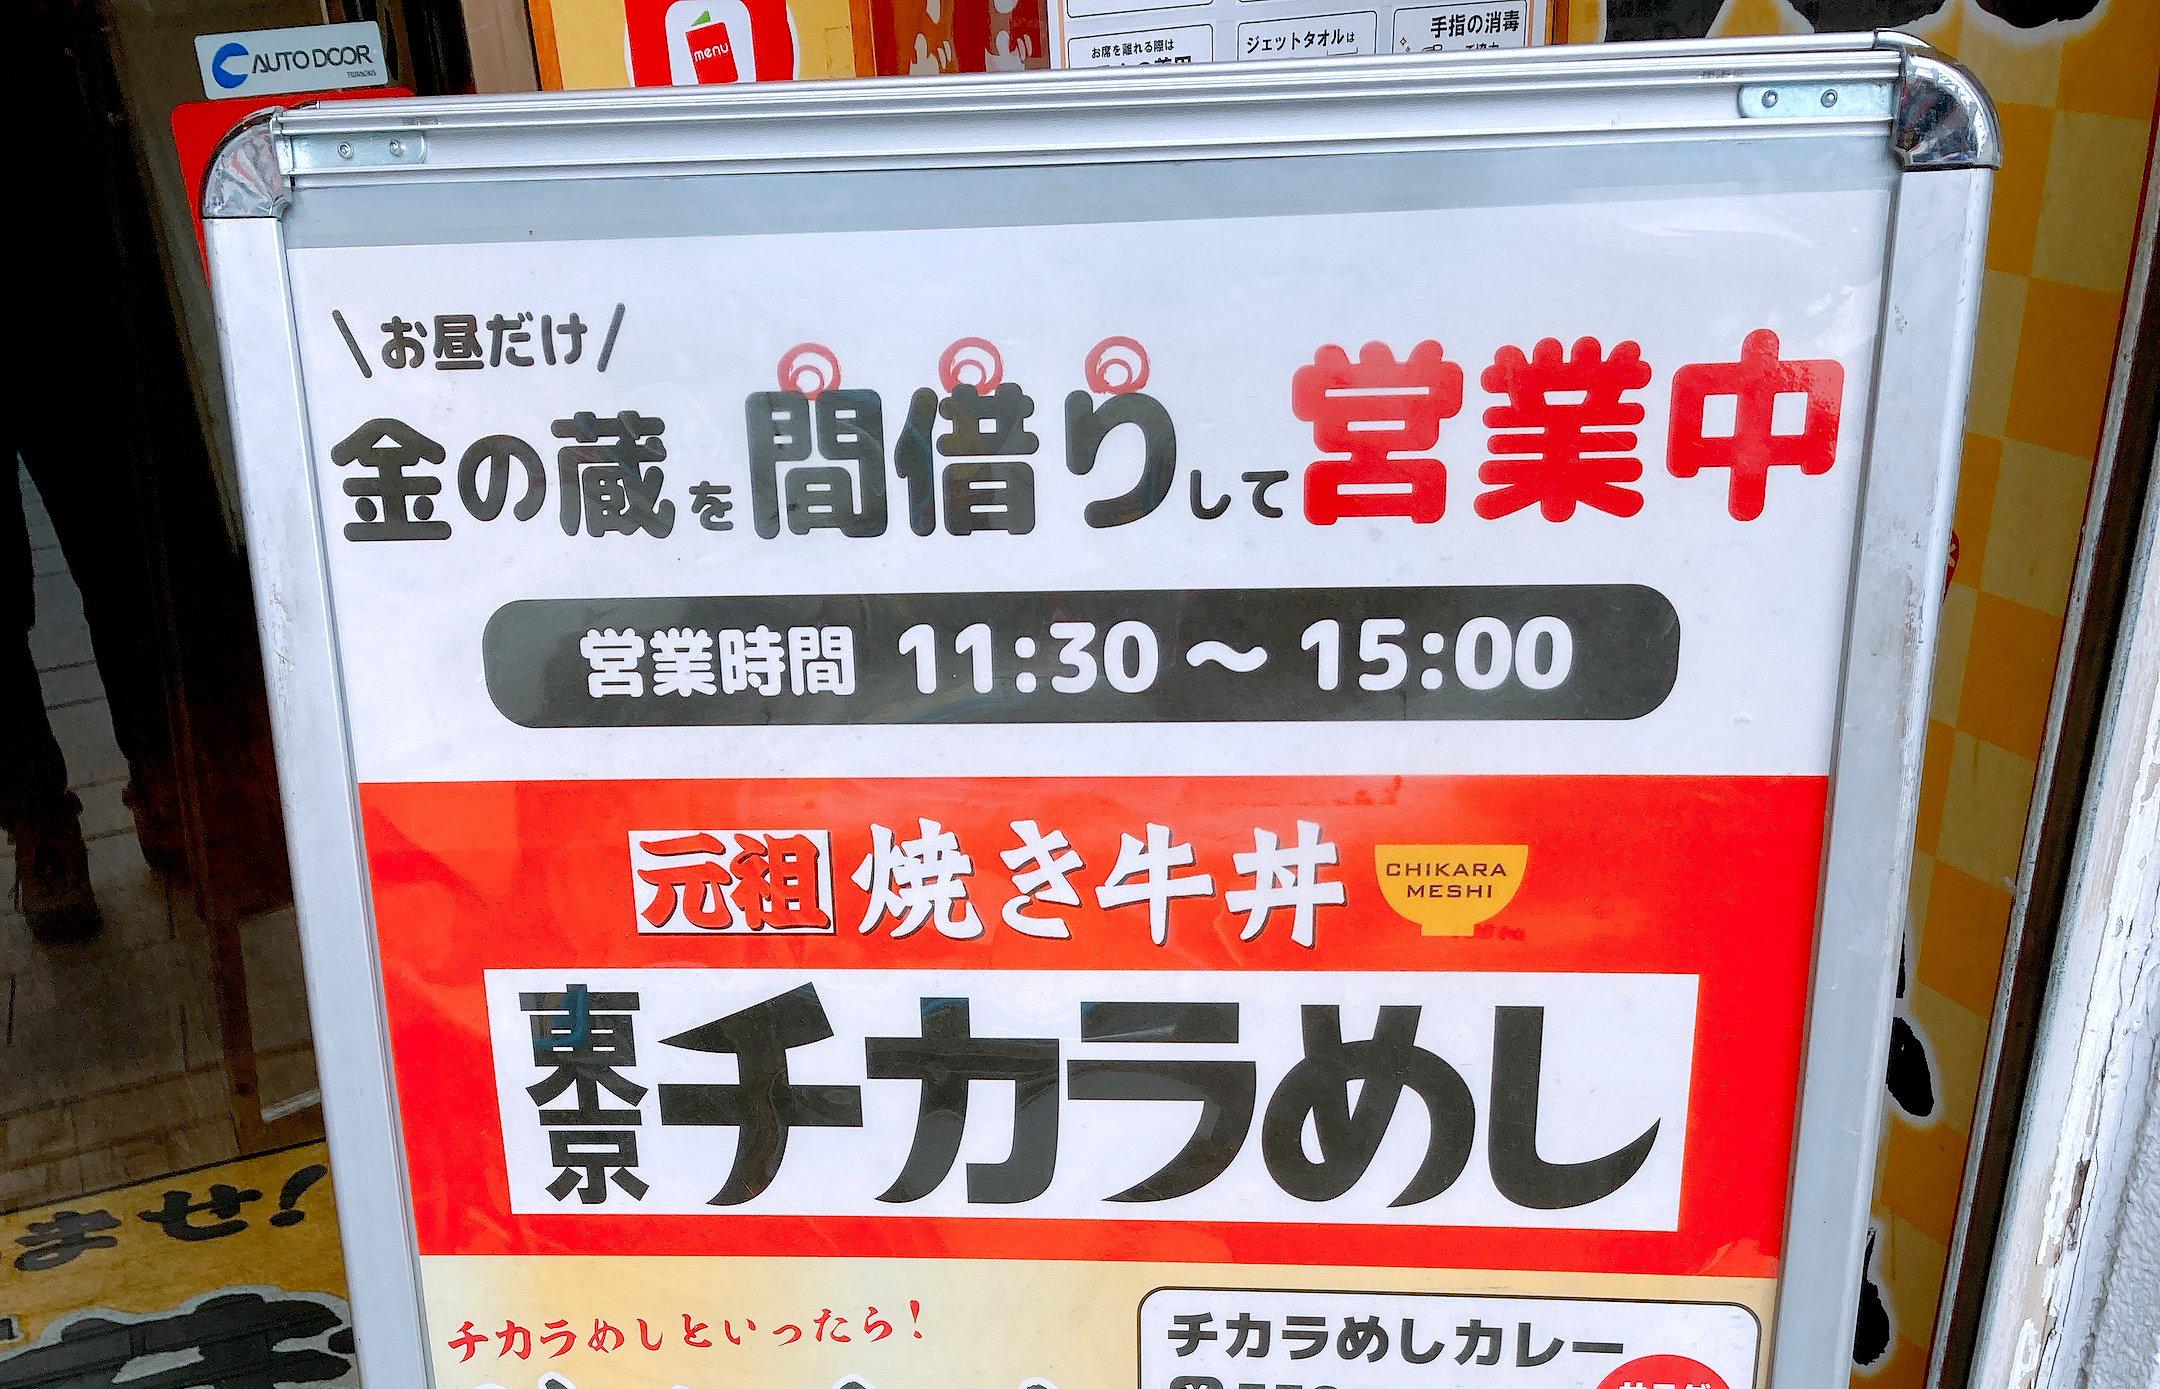 絶滅危機の「東京チカラめし」が意外な場所で食える! 居酒屋「金の蔵」で間借り営業を開始してた!!